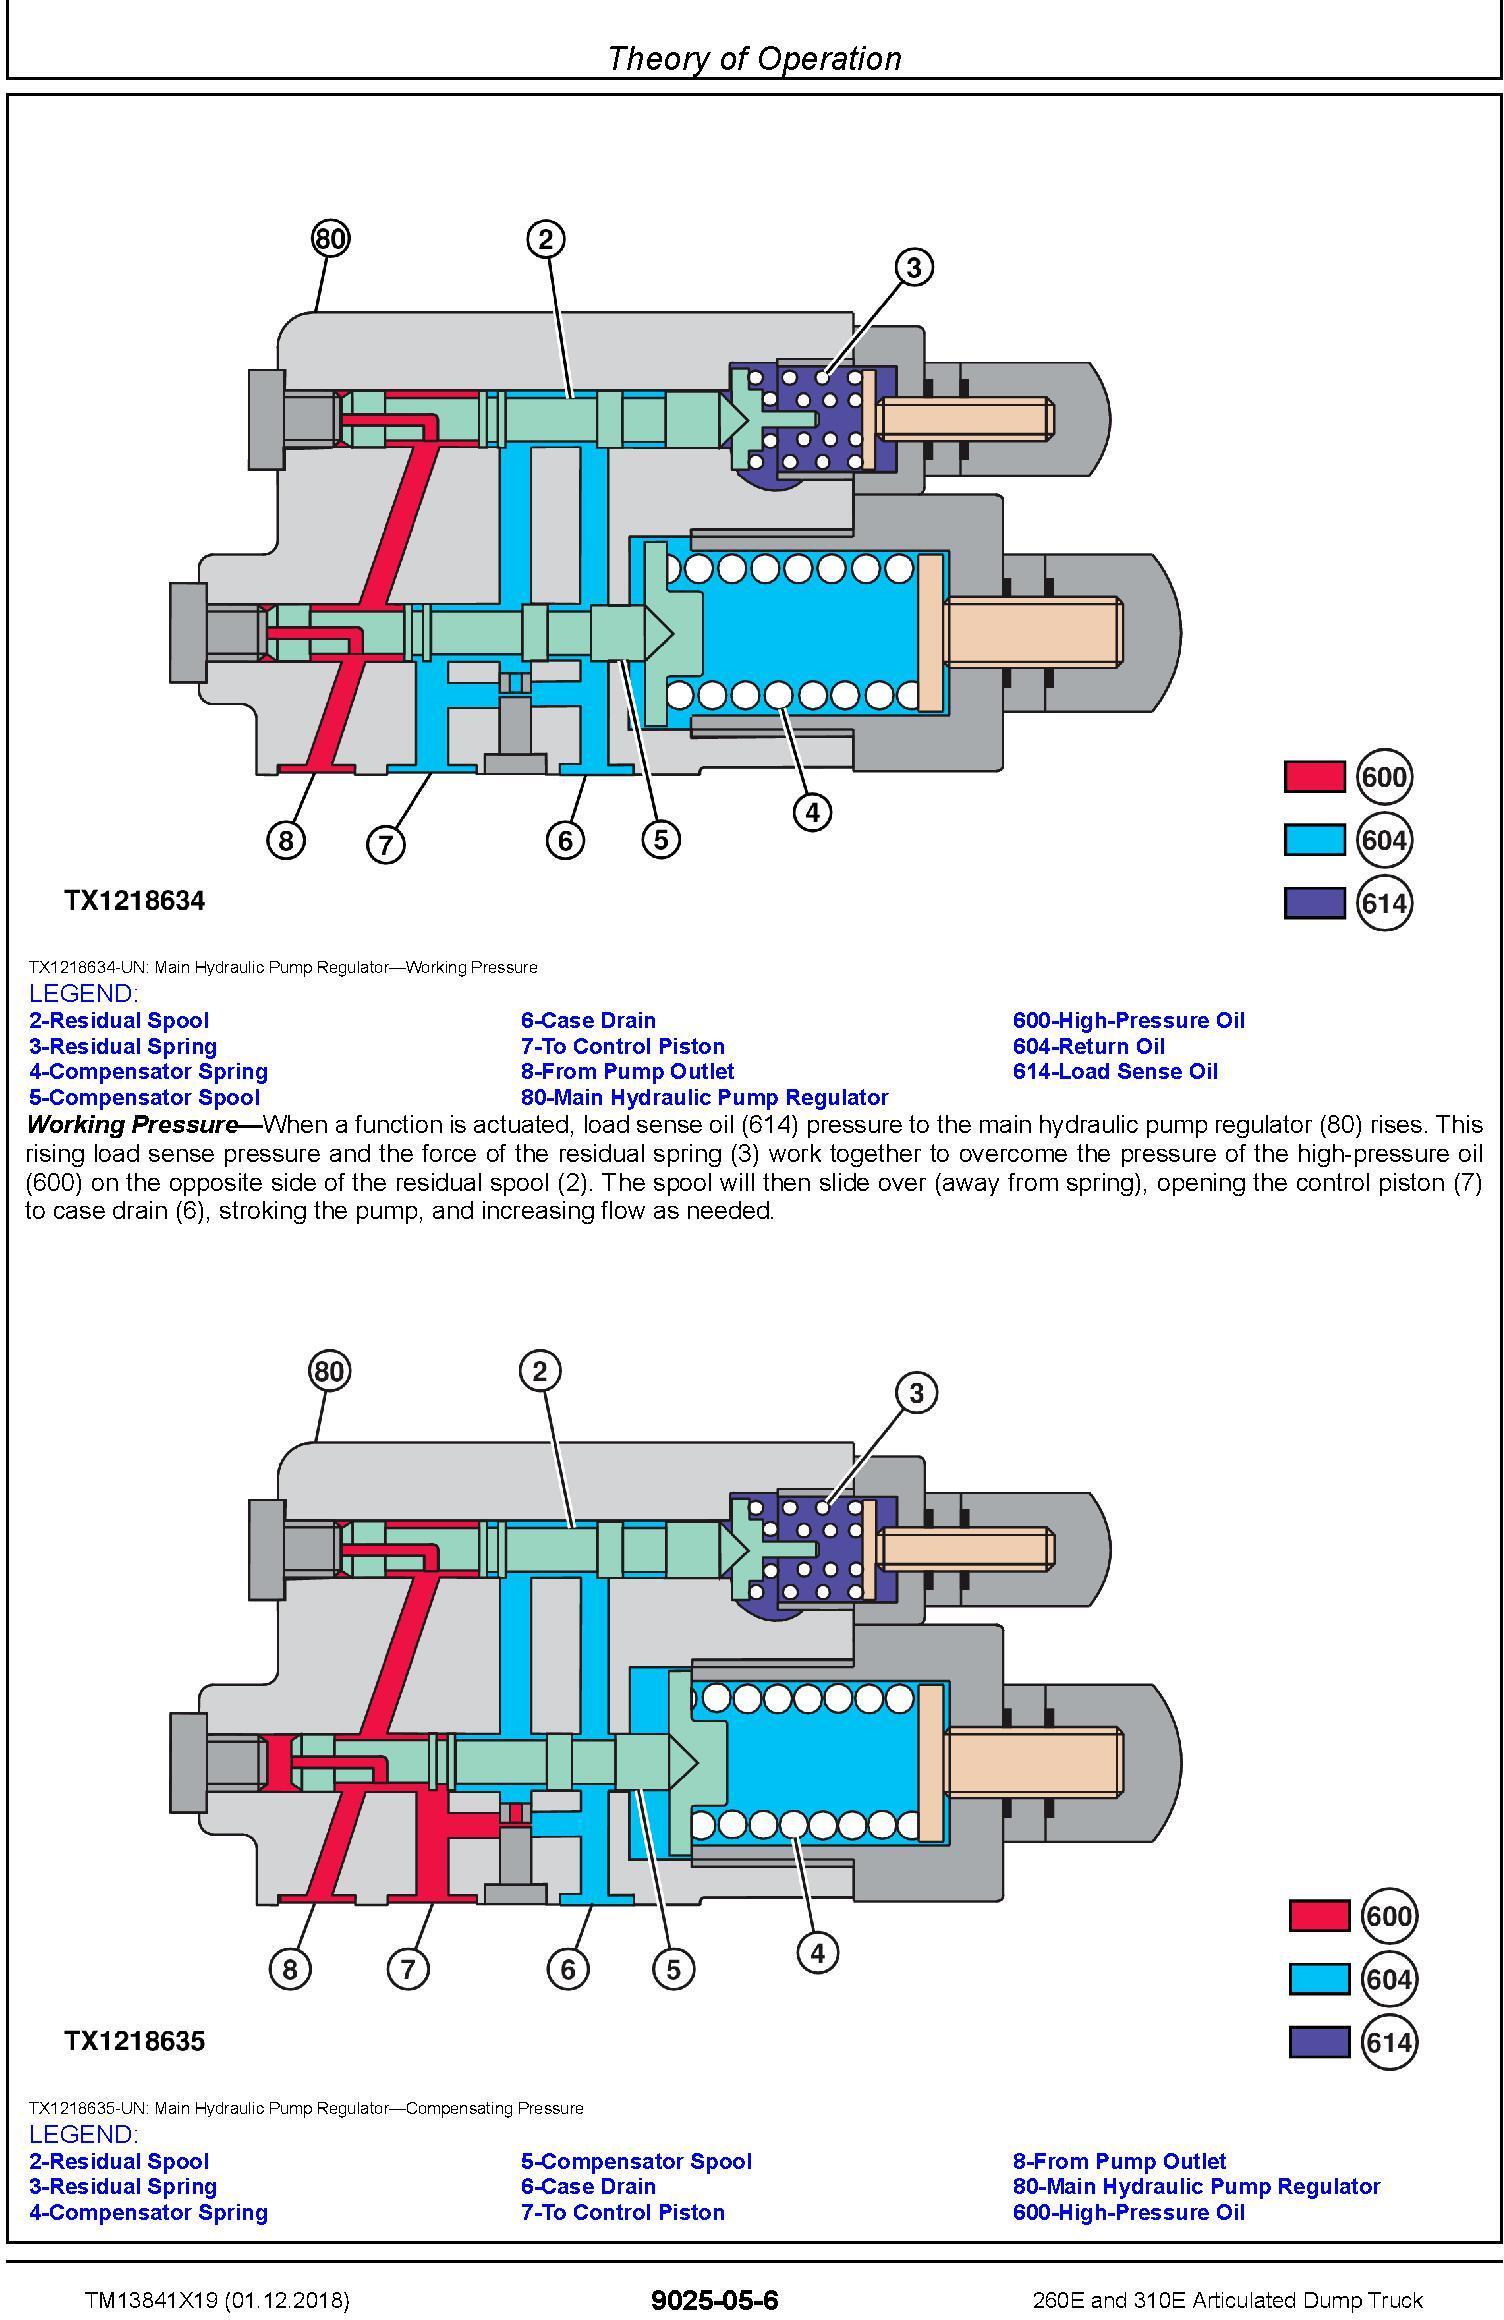 John Deere 260E, 310E Articulated Dump Truck (SN. F677827-) Diagnostic Technical Manual (TM13841X19) - 3